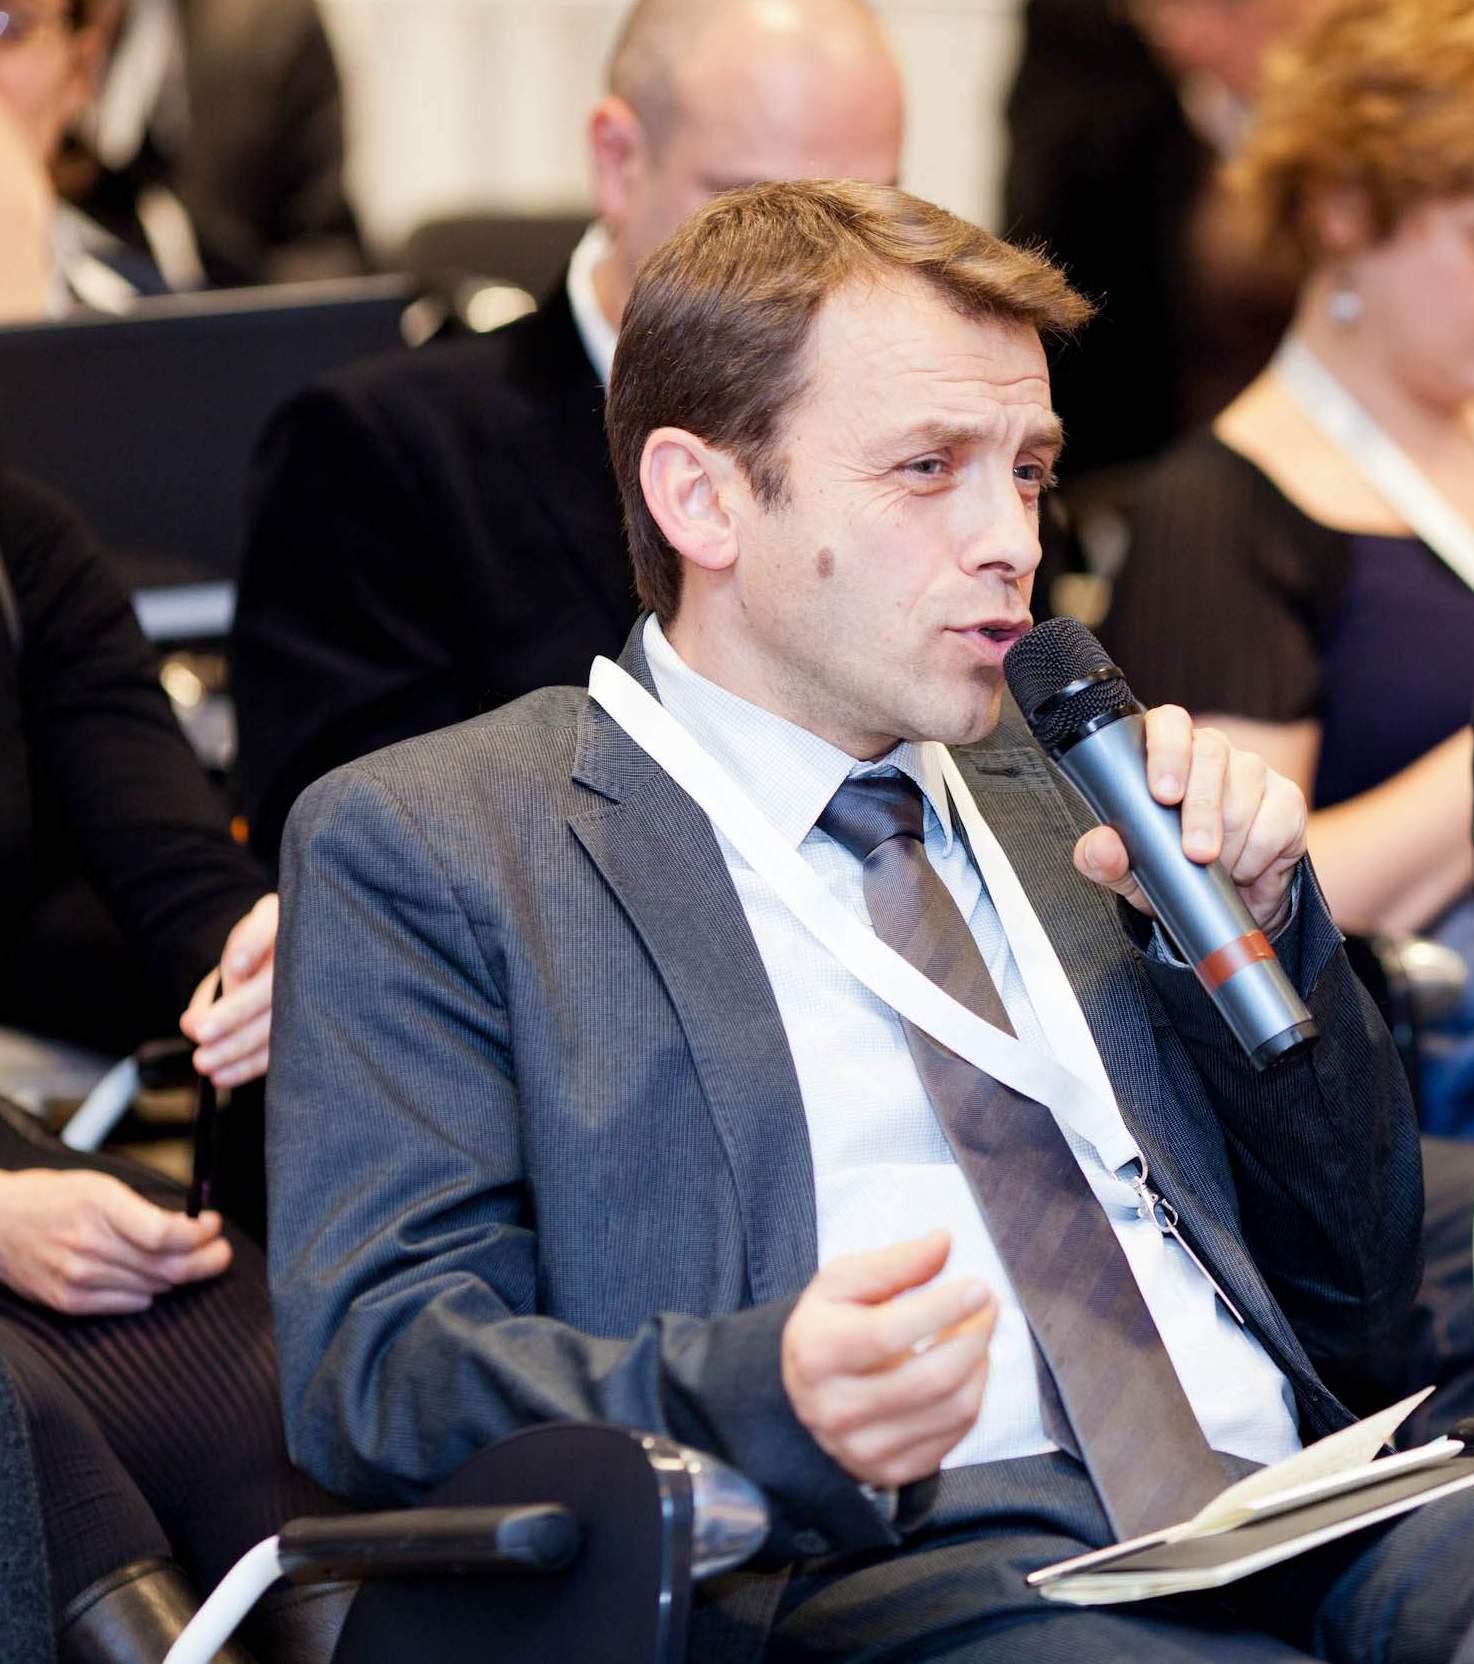 Stéphane Foltzer (Ministère de la Défense), Chargé de Communication au Ministère de la Défense